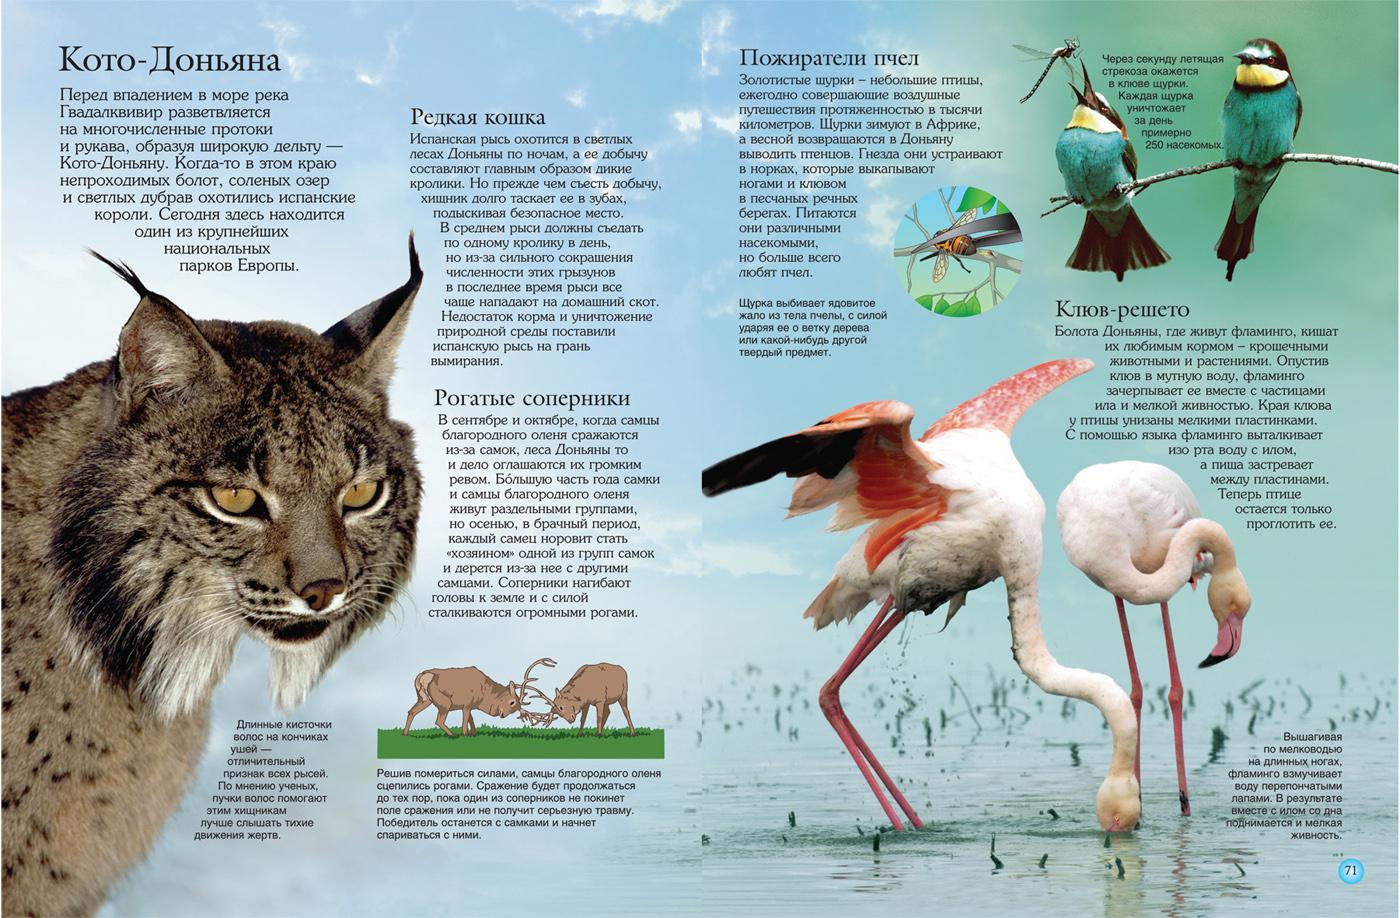 интересные факты о животных с картинками